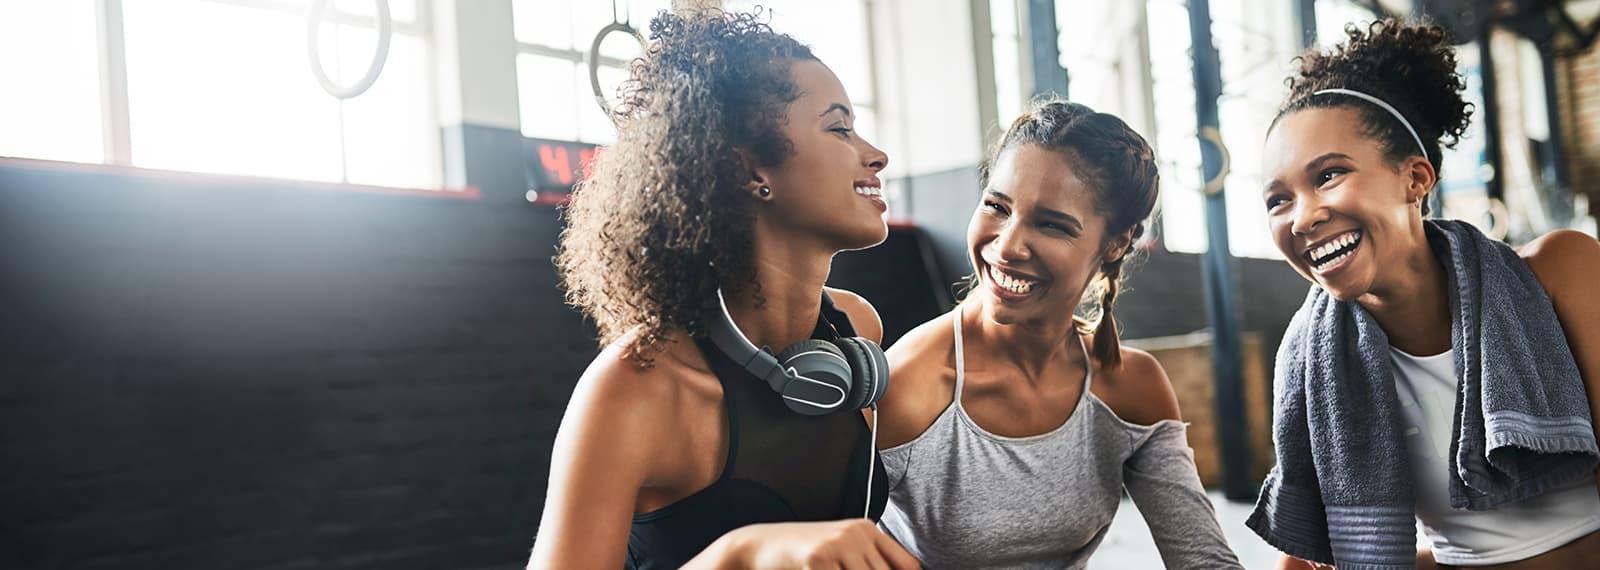 junge Frauen trainieren gemeinsam im Fitnessstudio